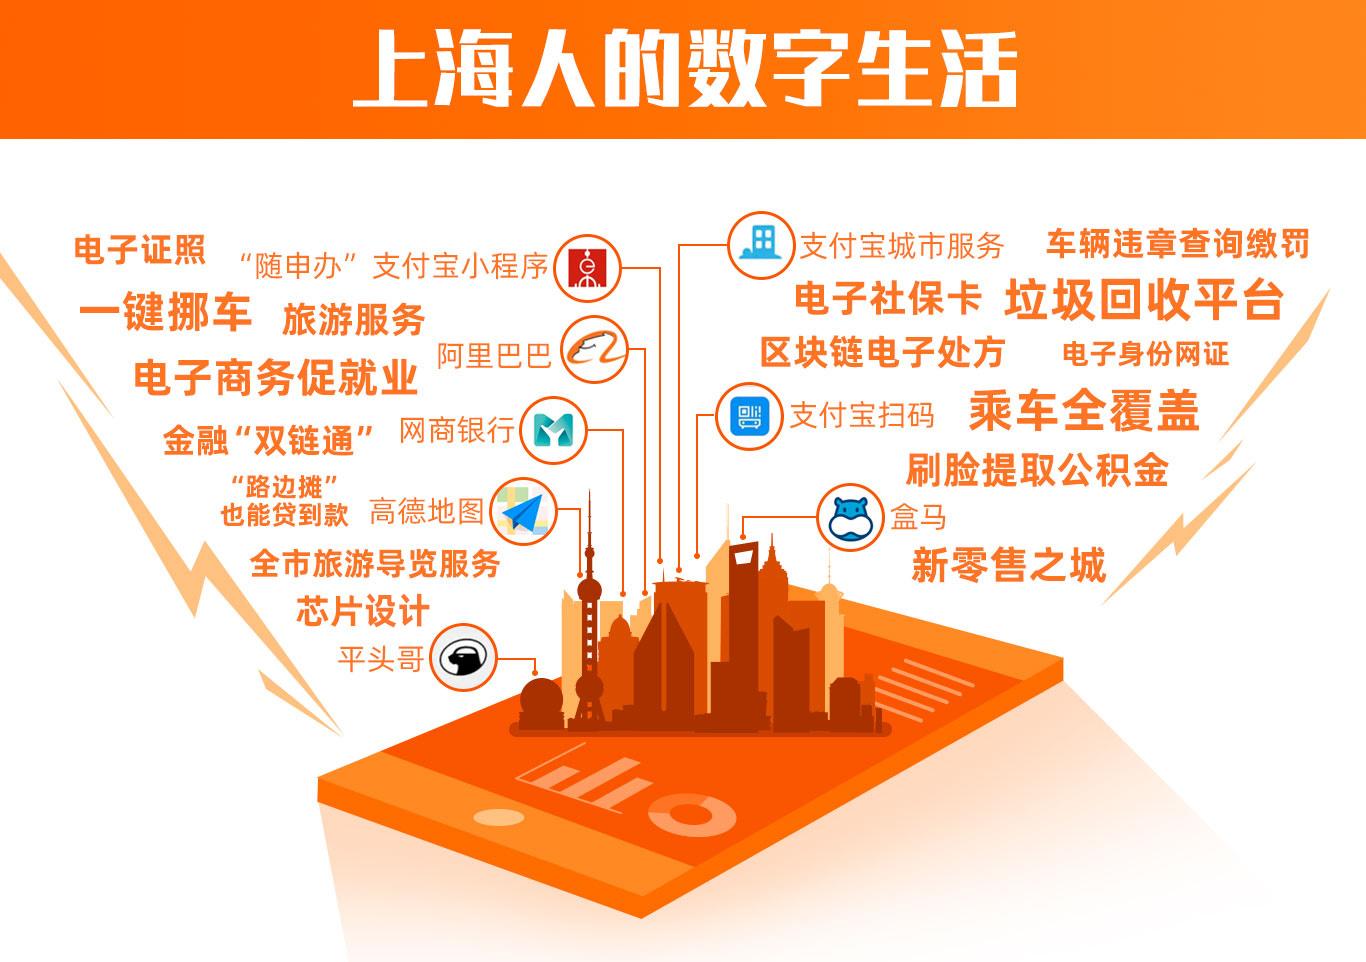 上海人数字生活.jpg